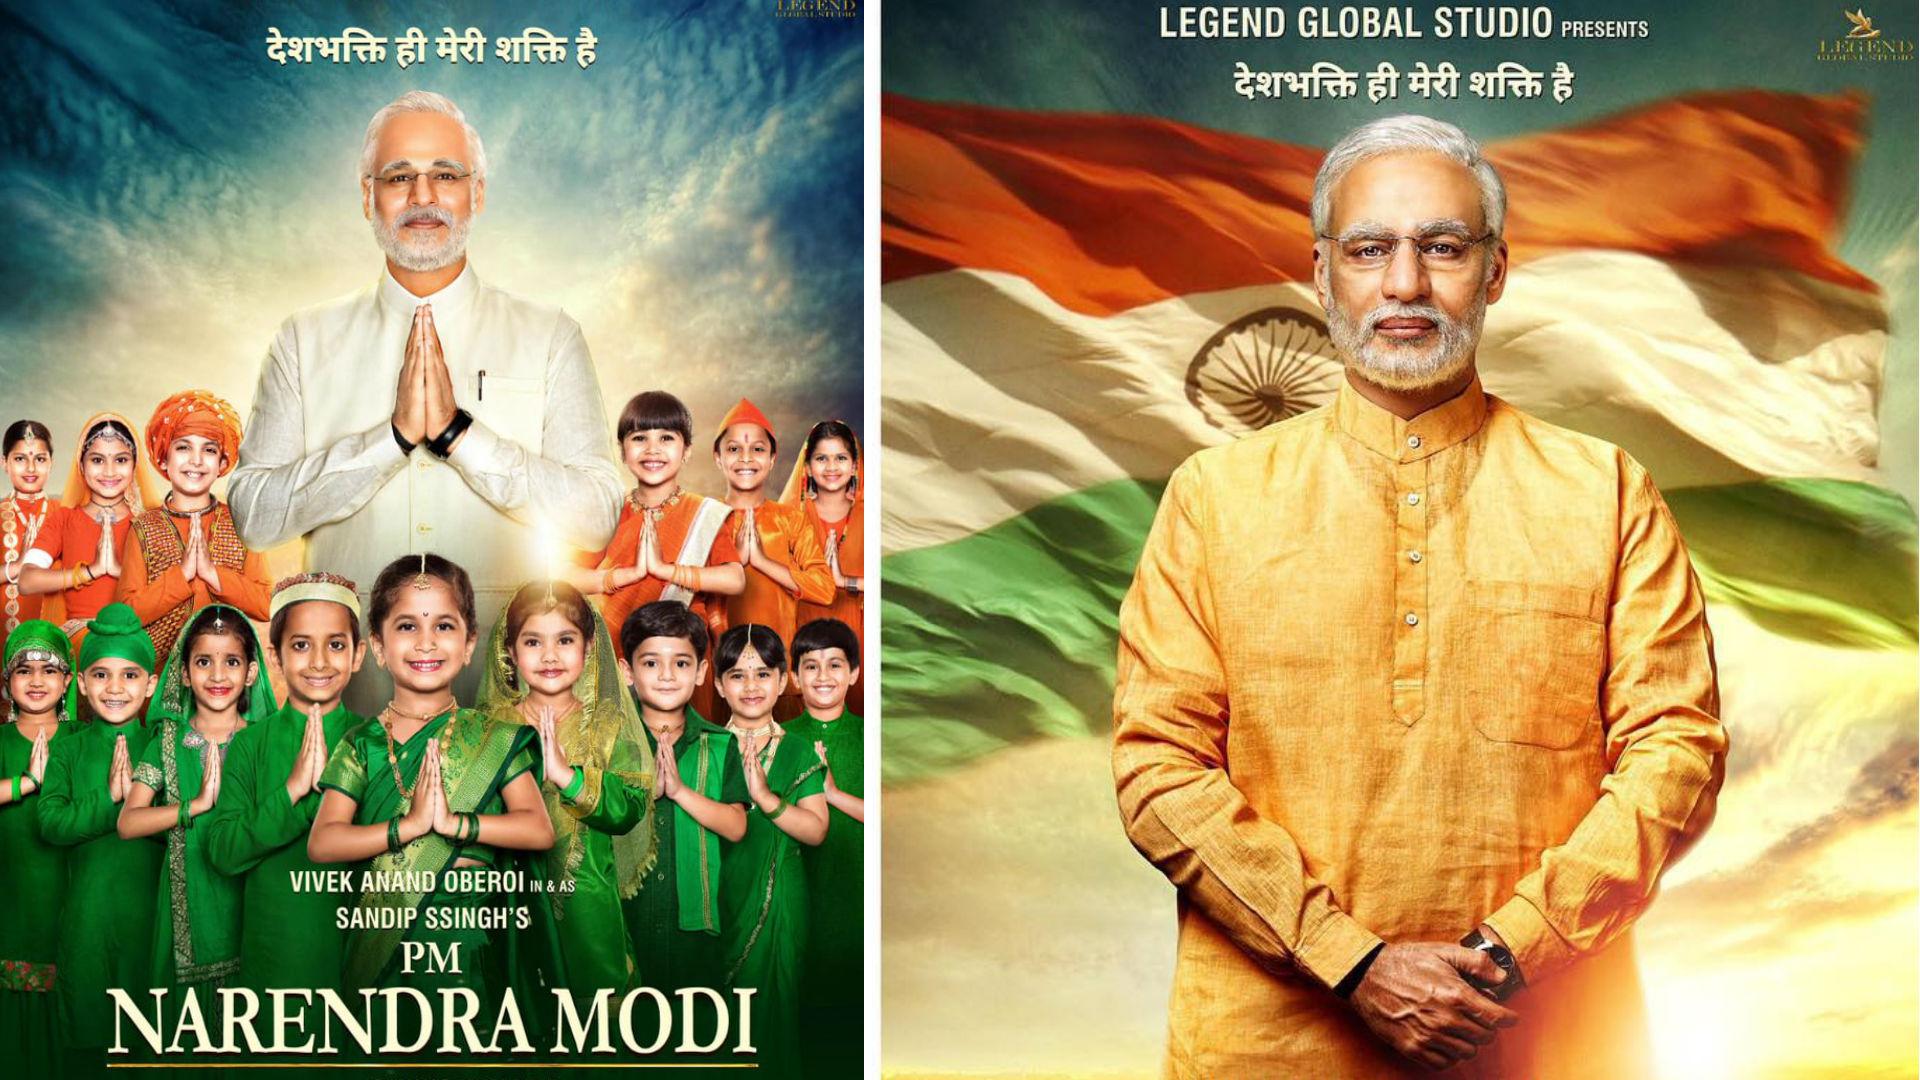 पीएम नरेंद्र मोदी बायोपिक की रिलीज का रास्ता साफ, अब इस दिन देगी सिनेमाघरों में दस्तक